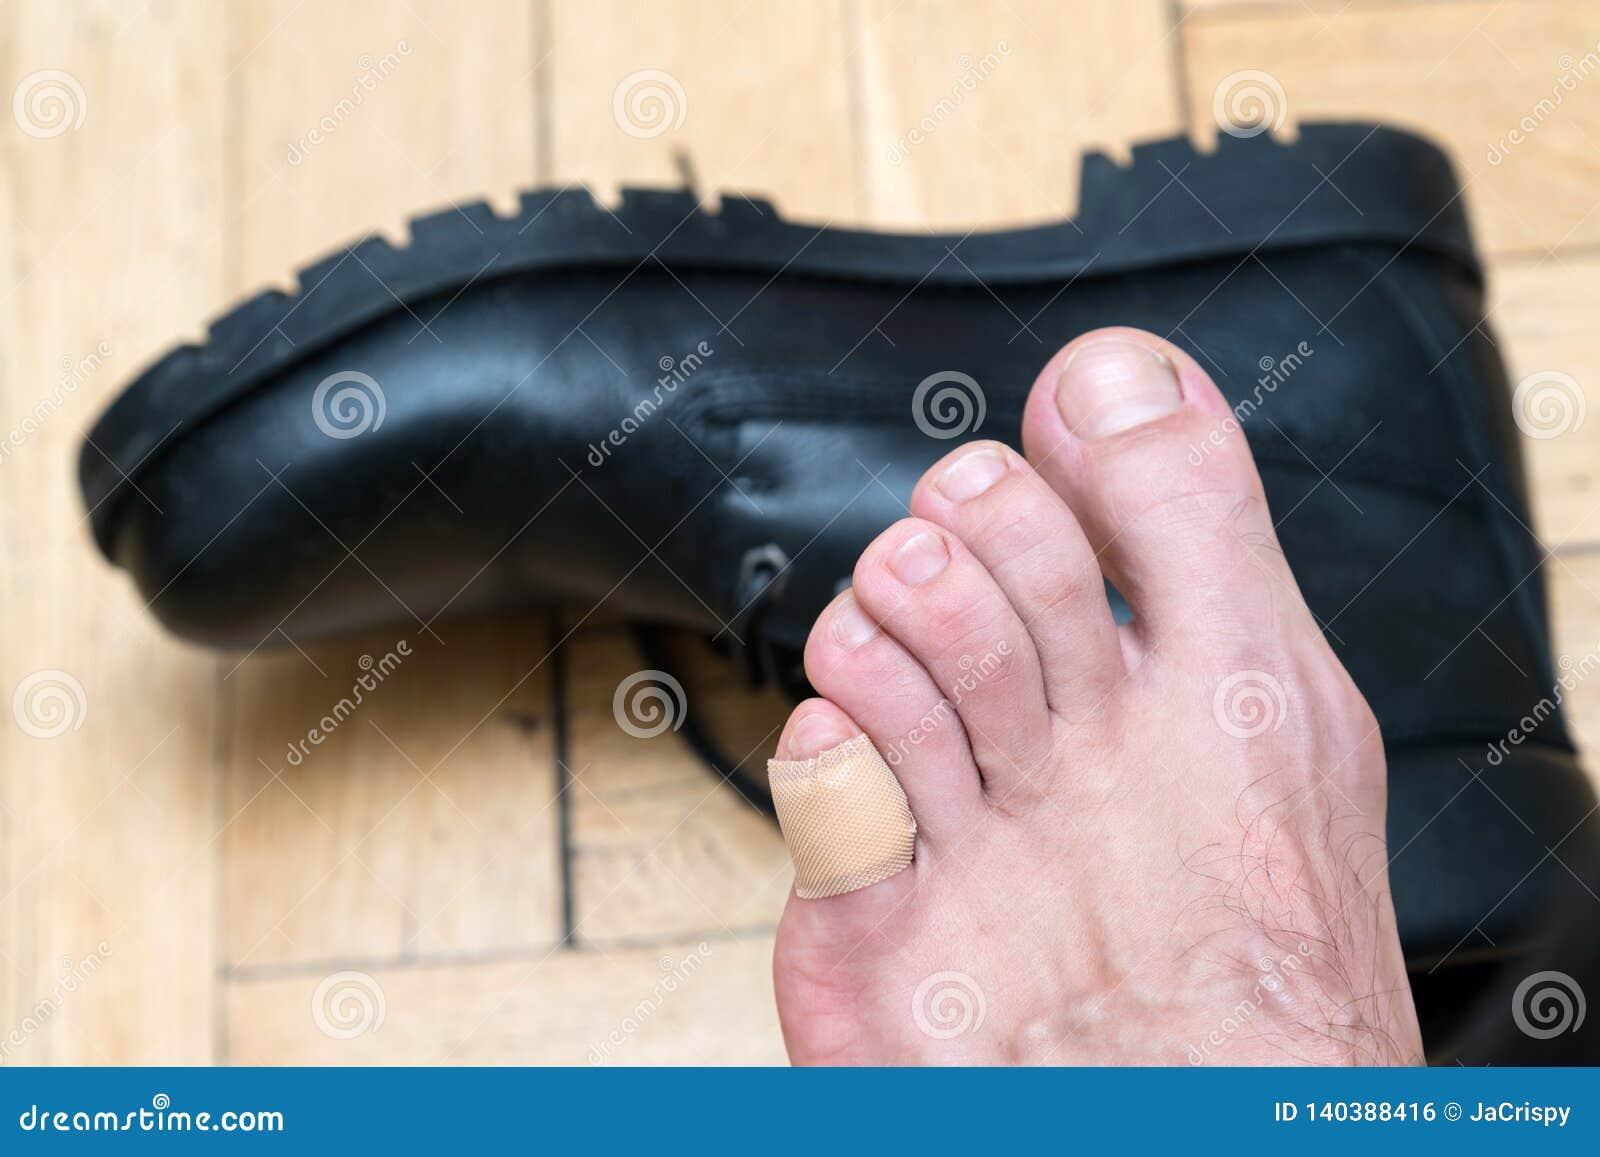 Mans hand applying plaster on terrible blister on human heel